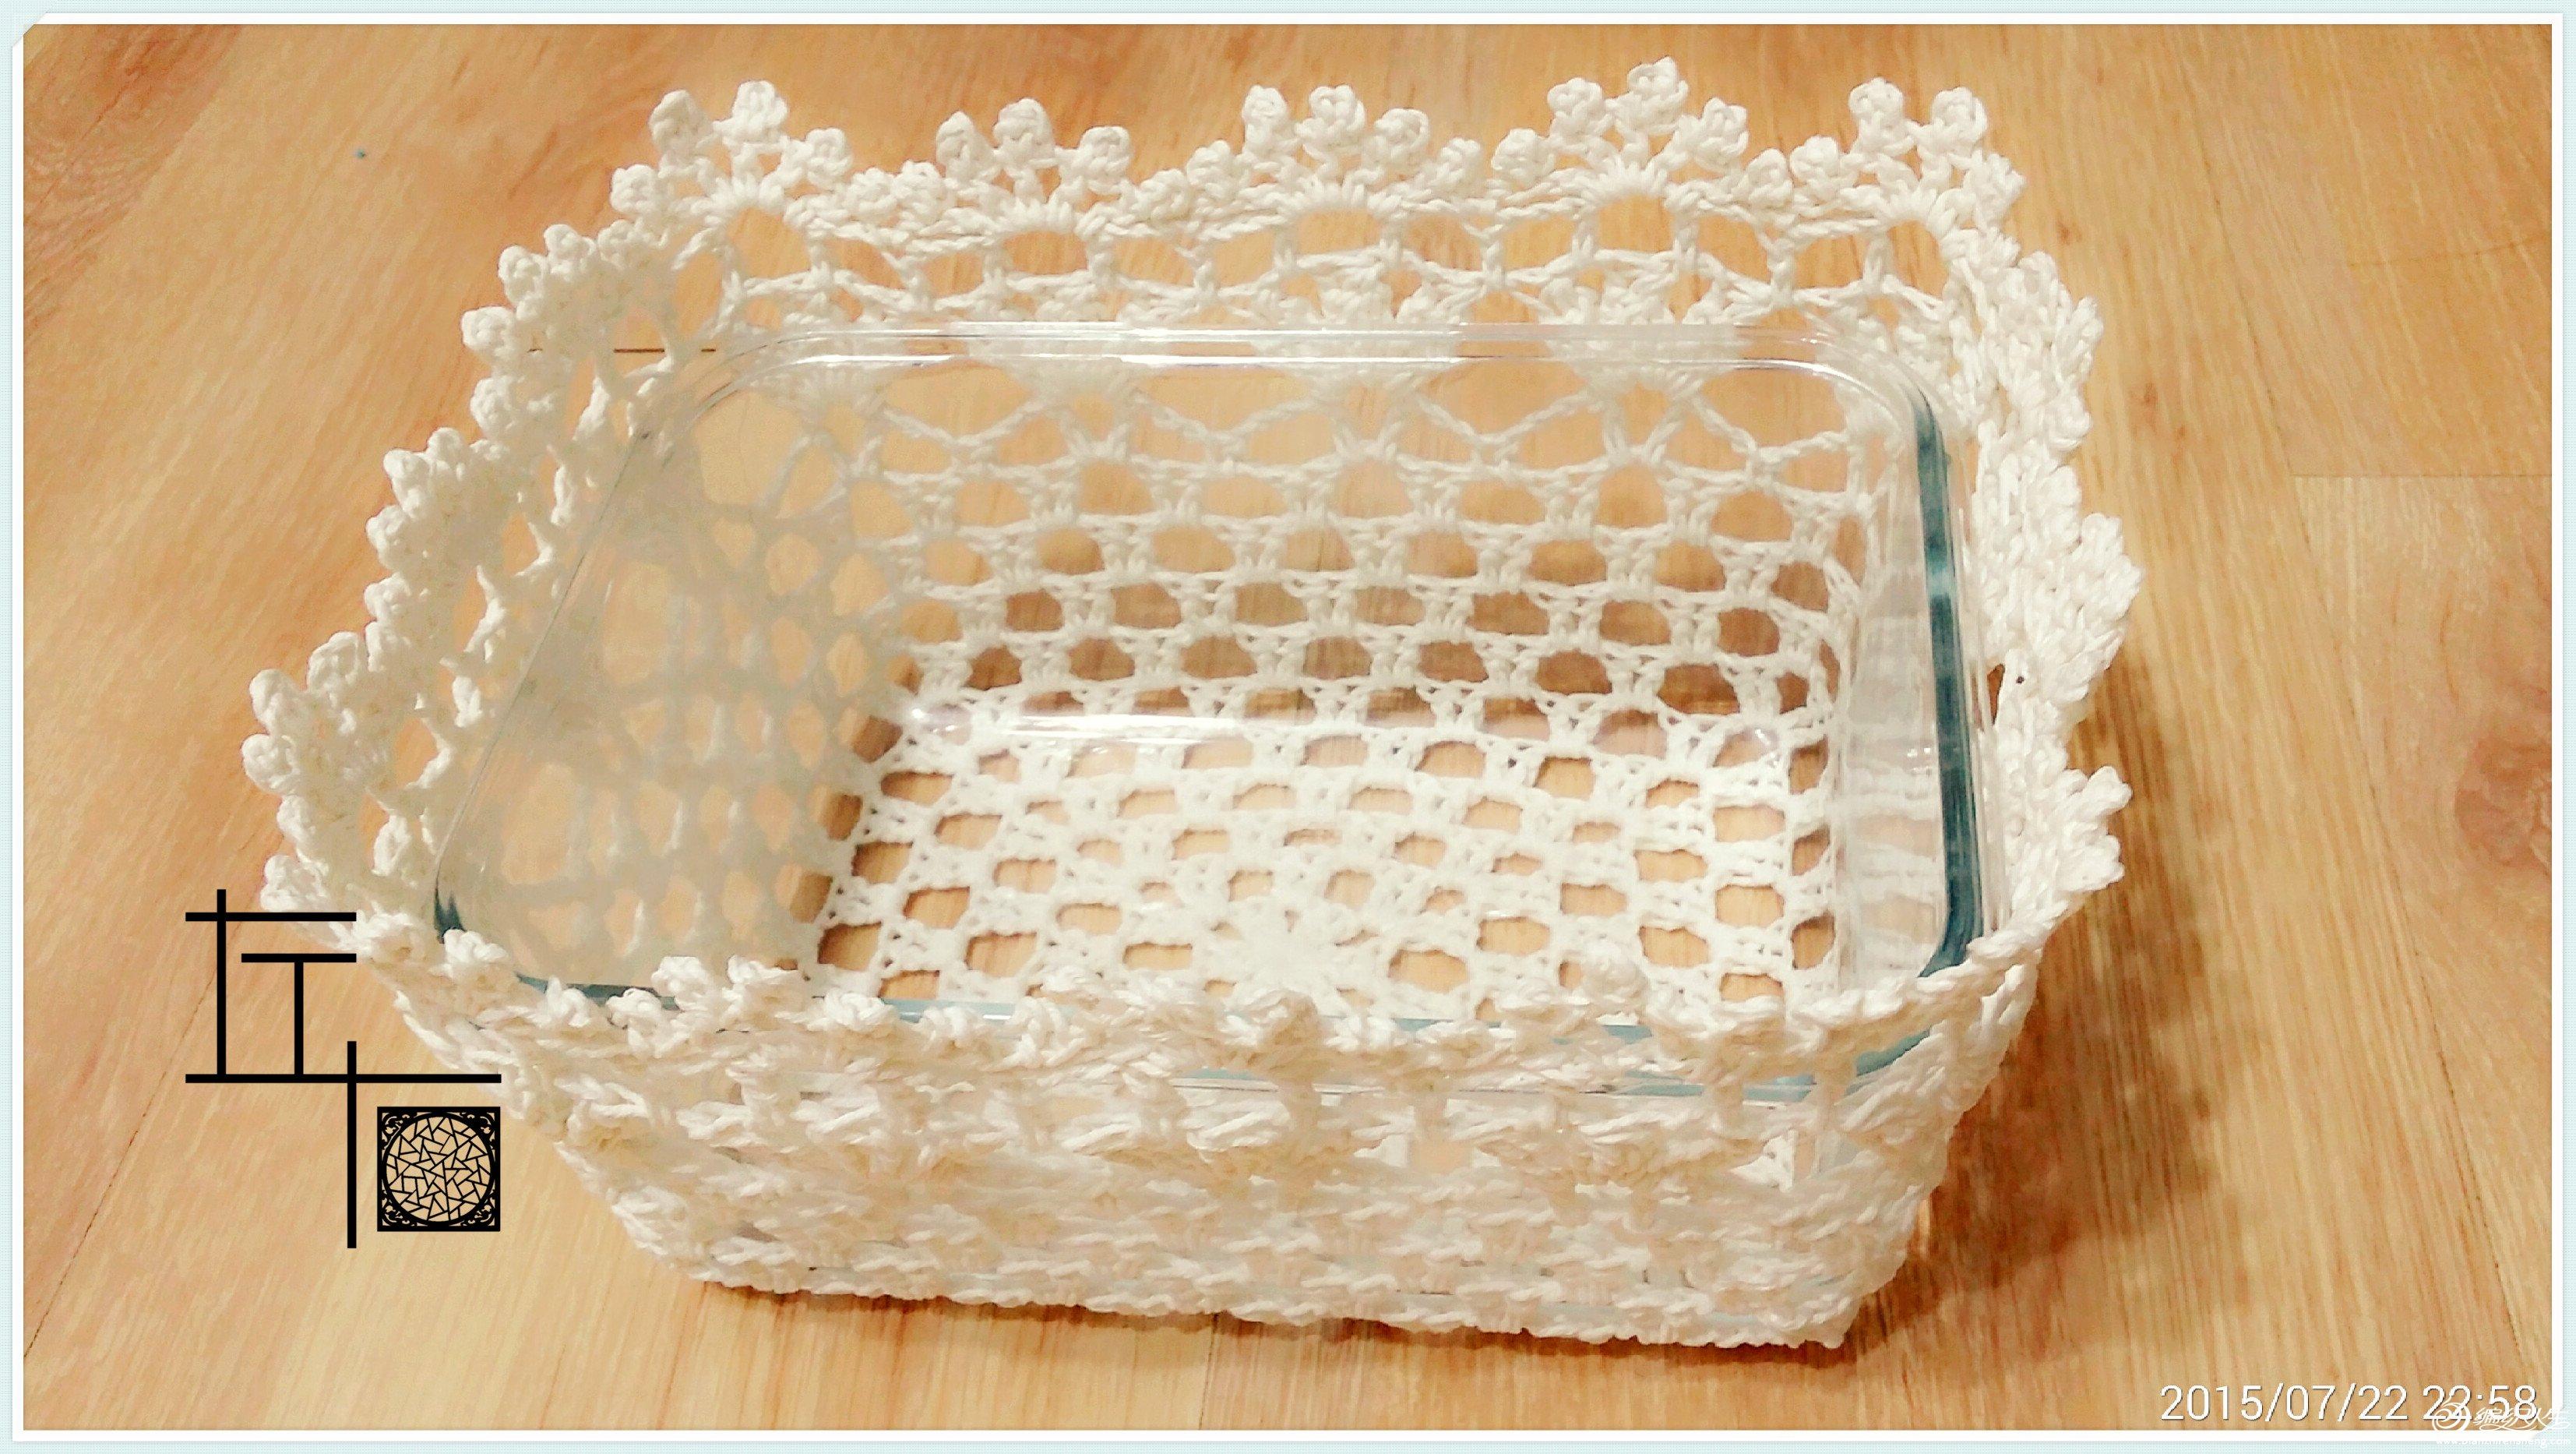 钩针蕾丝crochet lace收纳筐